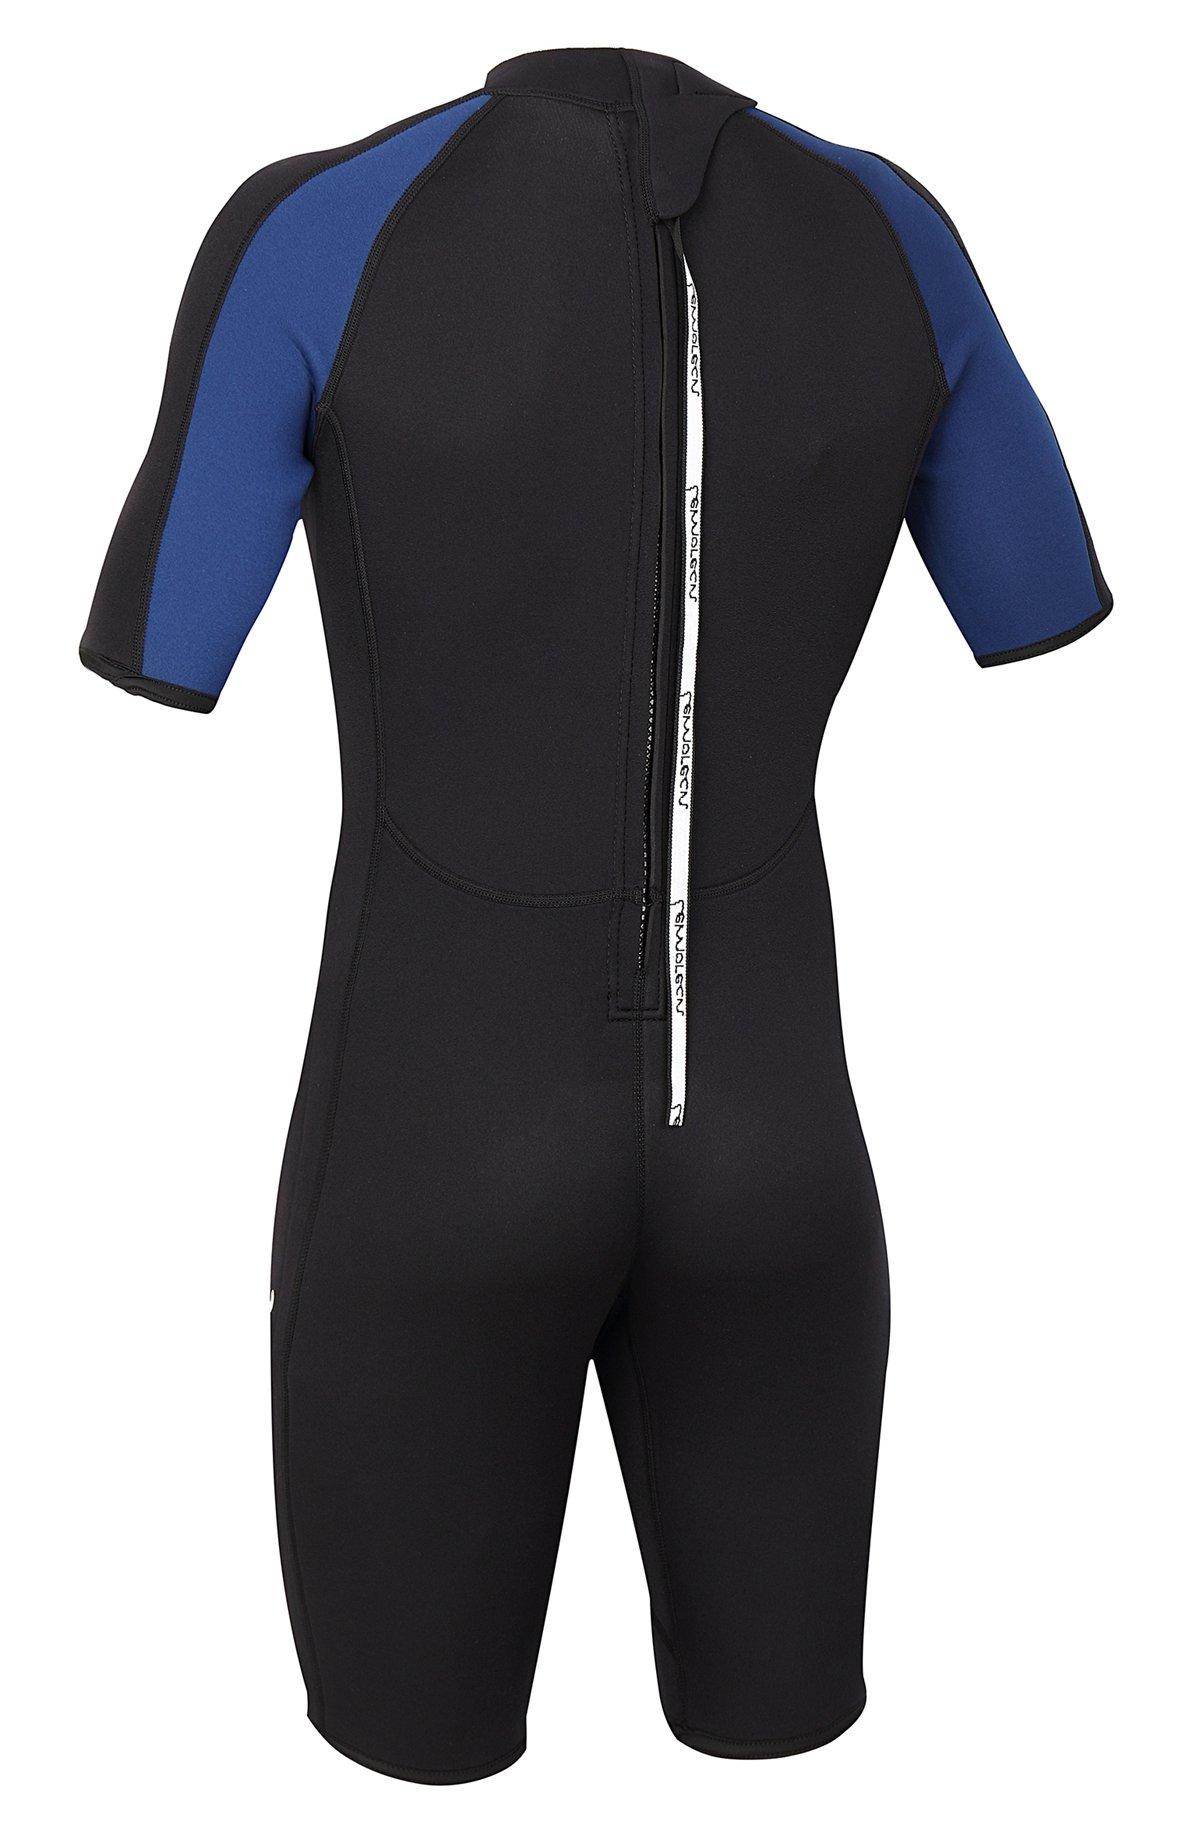 Lemorecn Wetsuits Mens Premium Neoprene Diving Suit 3mm Shorty Jumpsuit(3035,2XL) by Lemorecn (Image #2)